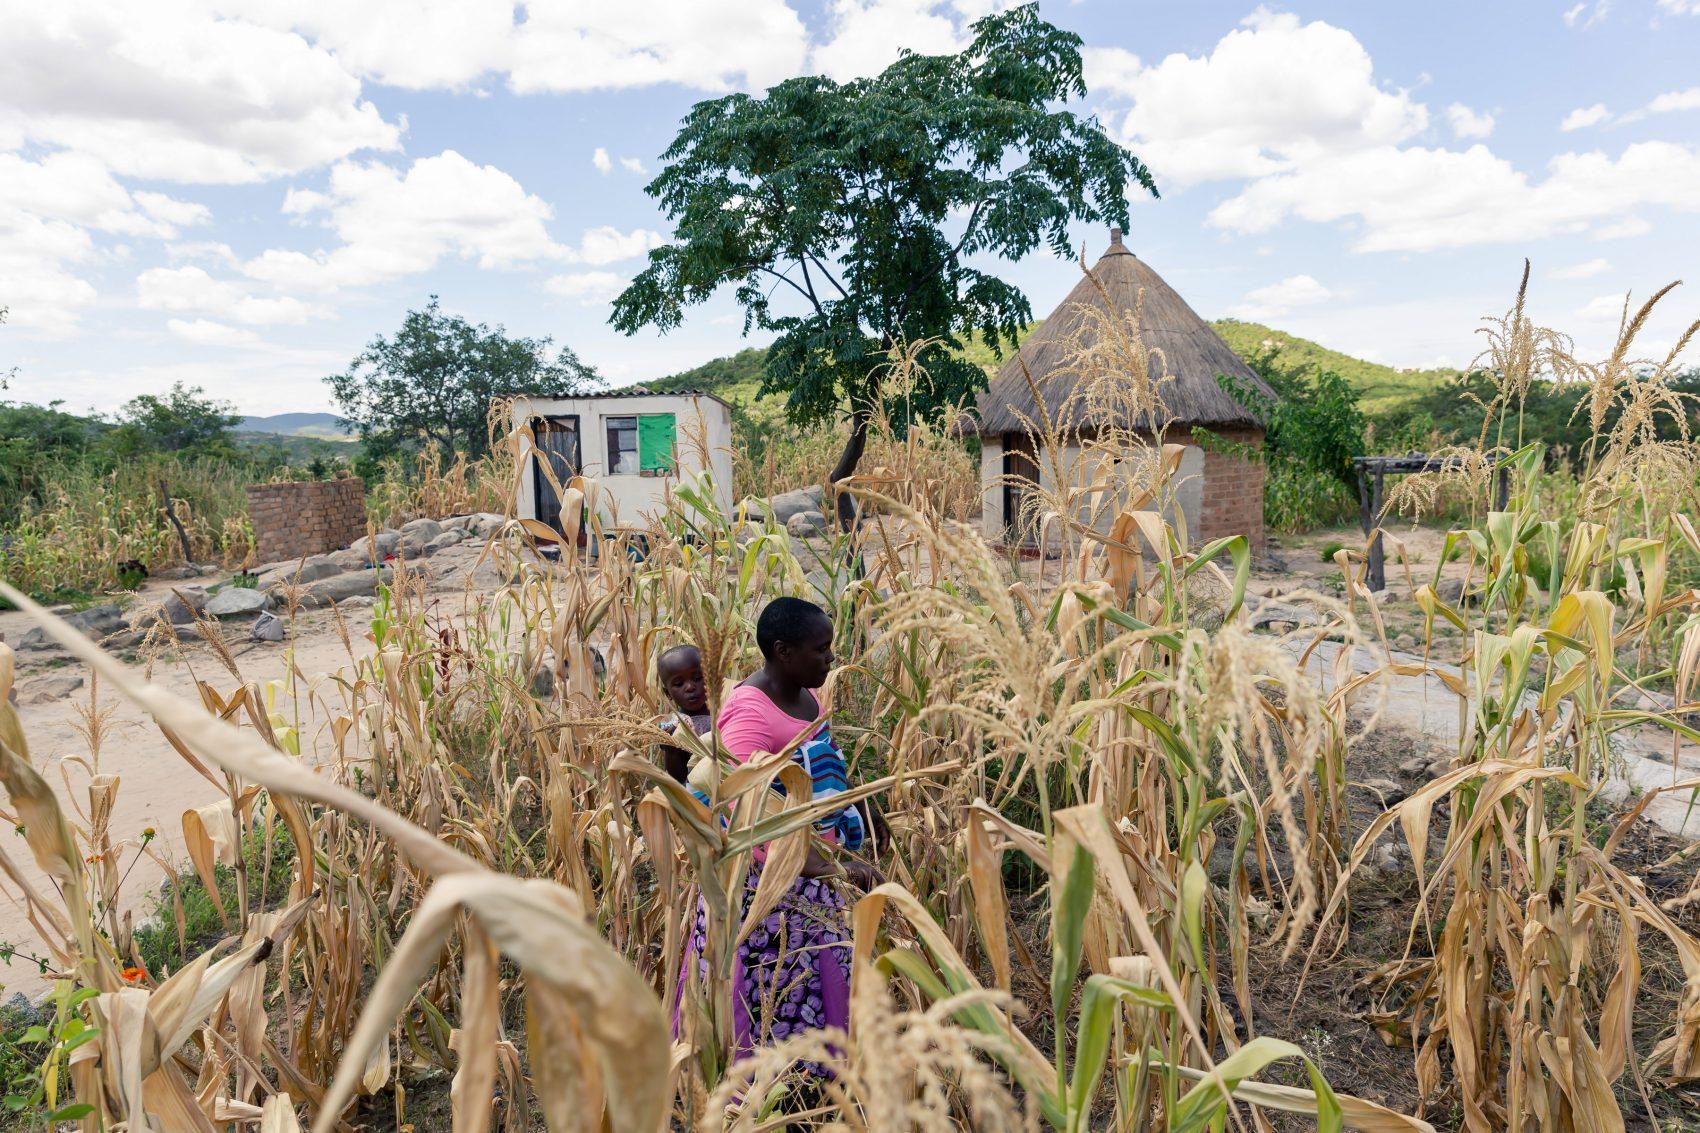 Plantação de milho arrasada pela seca prolongada no oeste de Zimbábue: fome ameaça dois milhões de pessoas no país africano (Foto: Jekesai Njikizana/AFP)